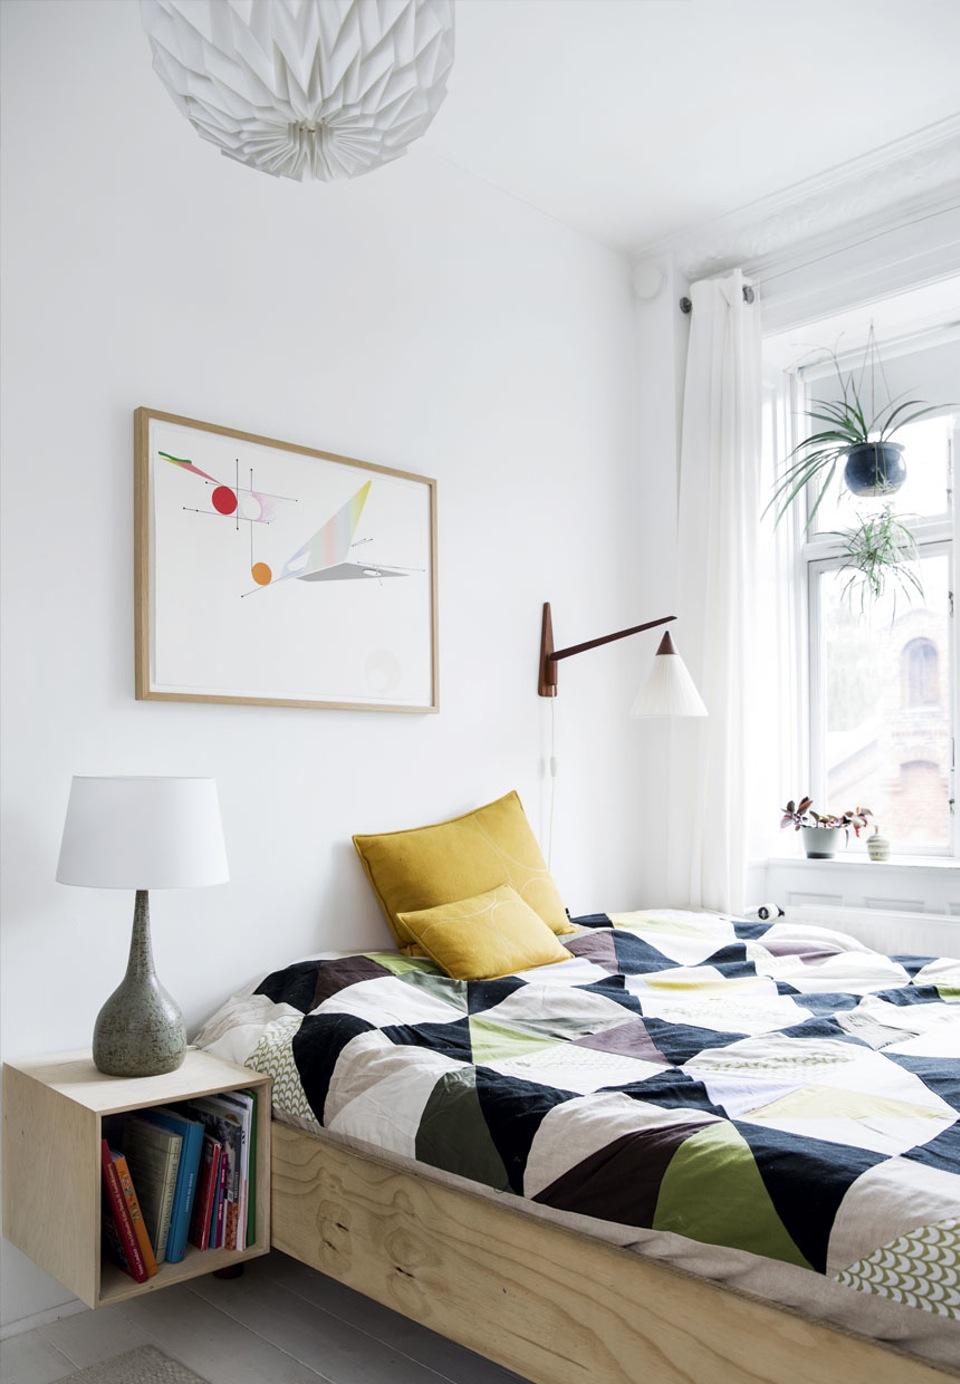 vivienda-creatividad-escandinavo-10